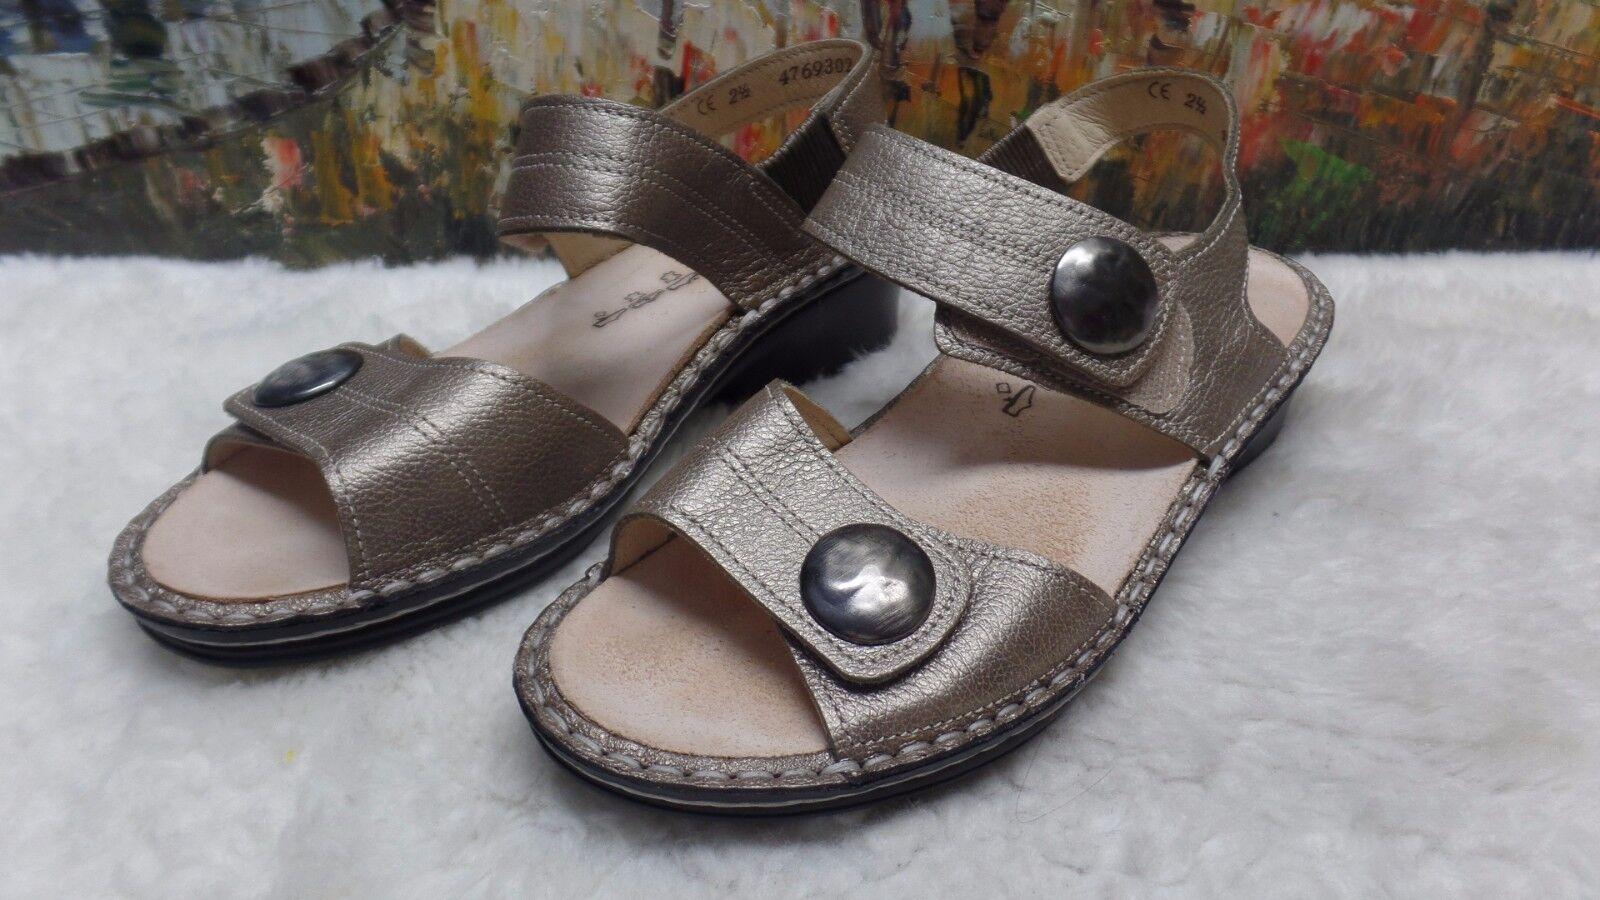 Finn Comfort'Alanya 'Sandal - Dimensione UK 2.5    US 5 - 255  outlet online